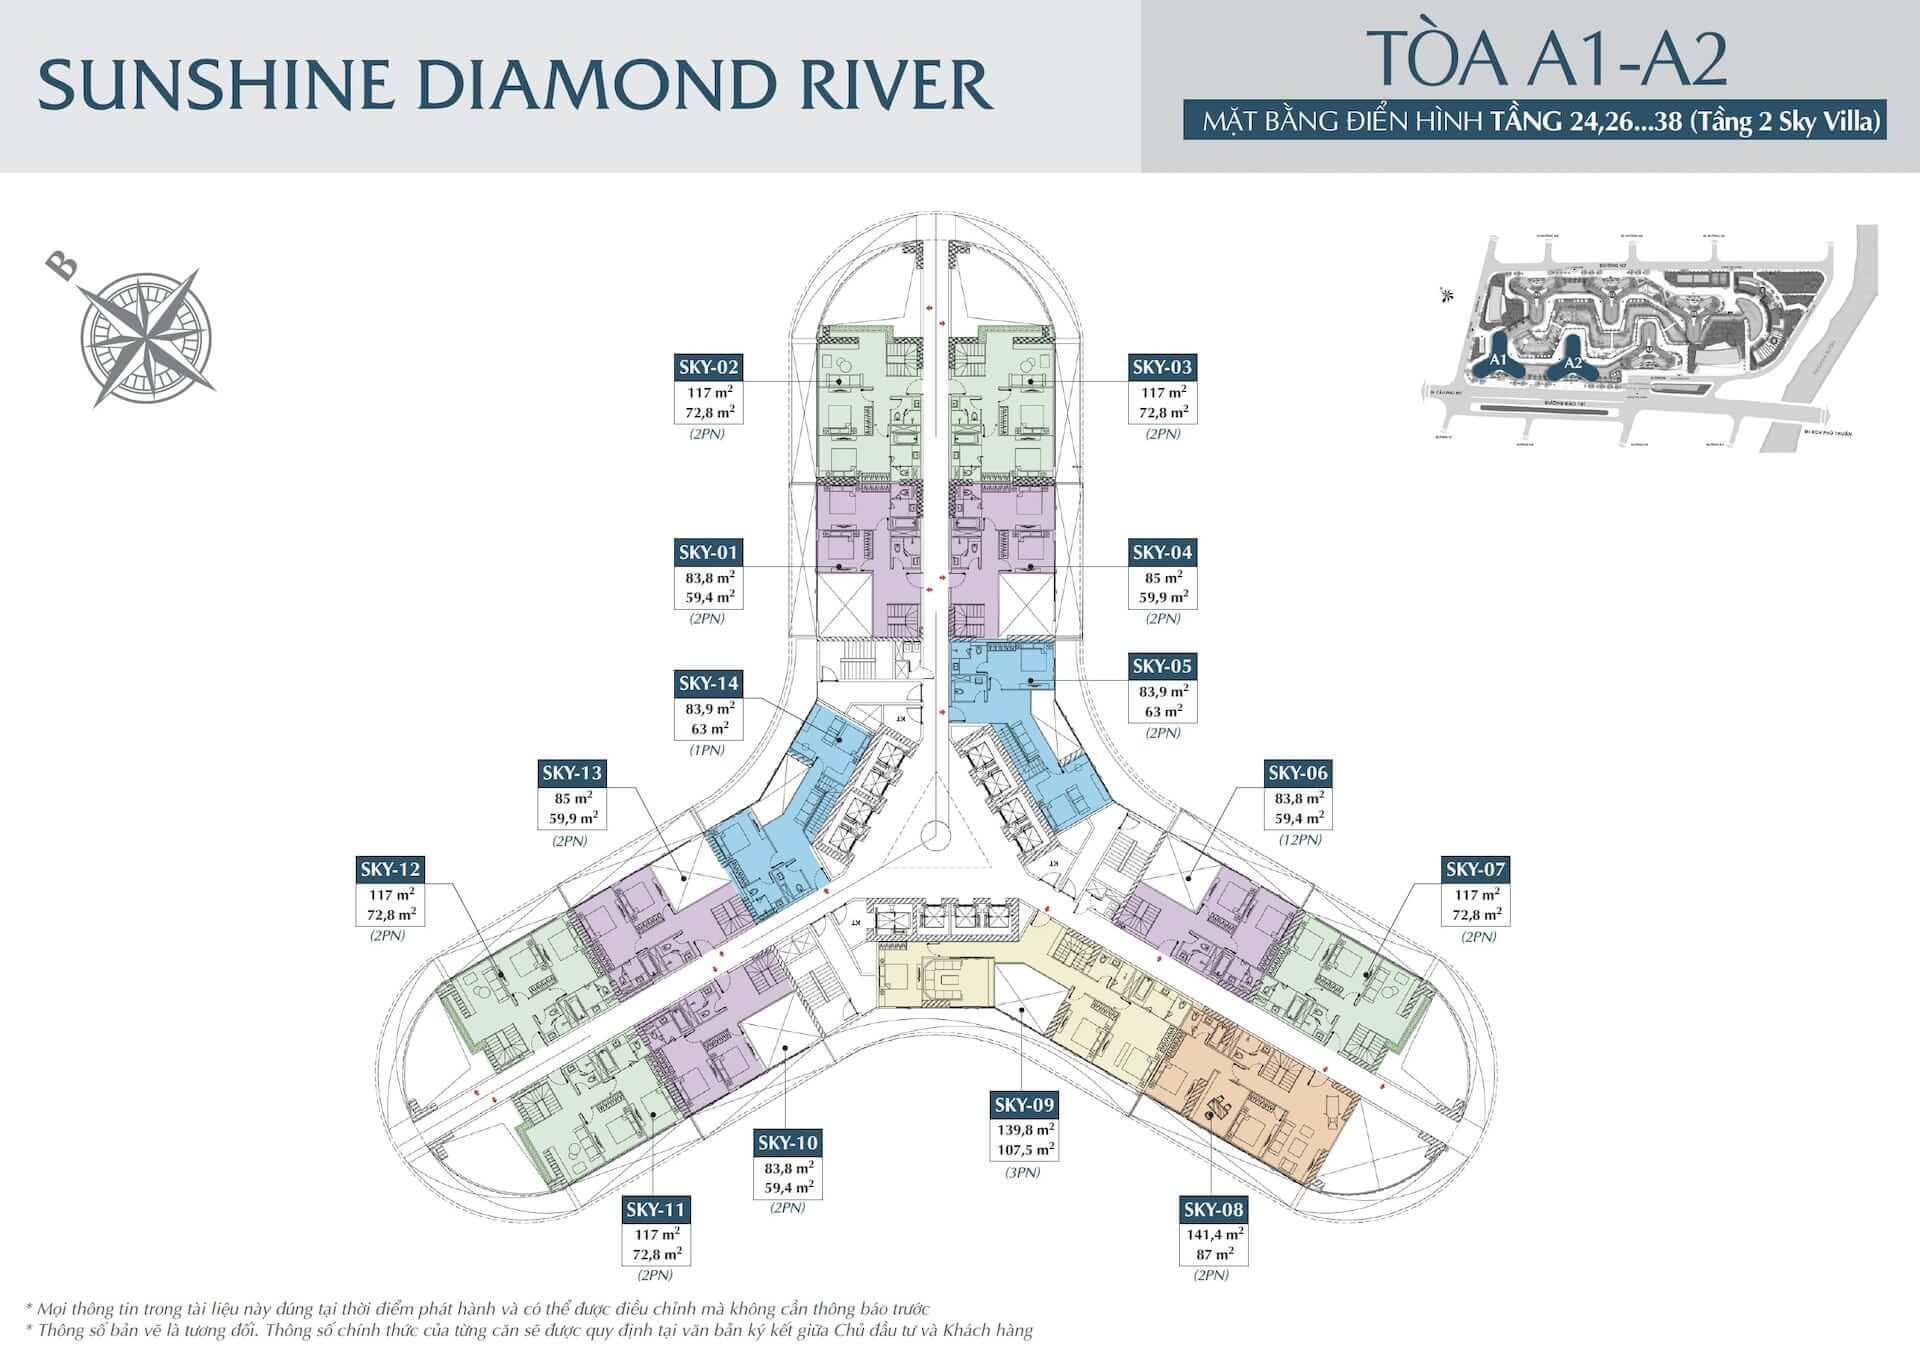 Mặt bằng 24, 26...38 toà A1 và toà A2 dự án Sunshine Diamond River quận 7